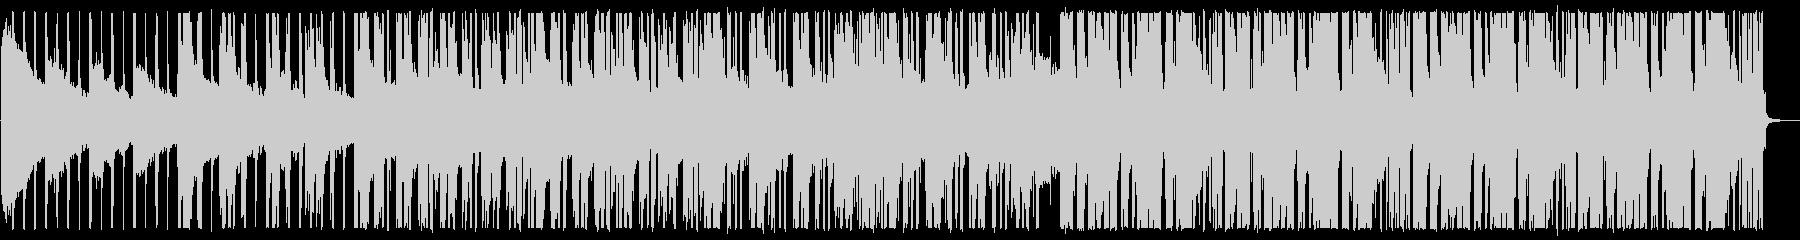 都会/優しい/R&B_440_3の未再生の波形